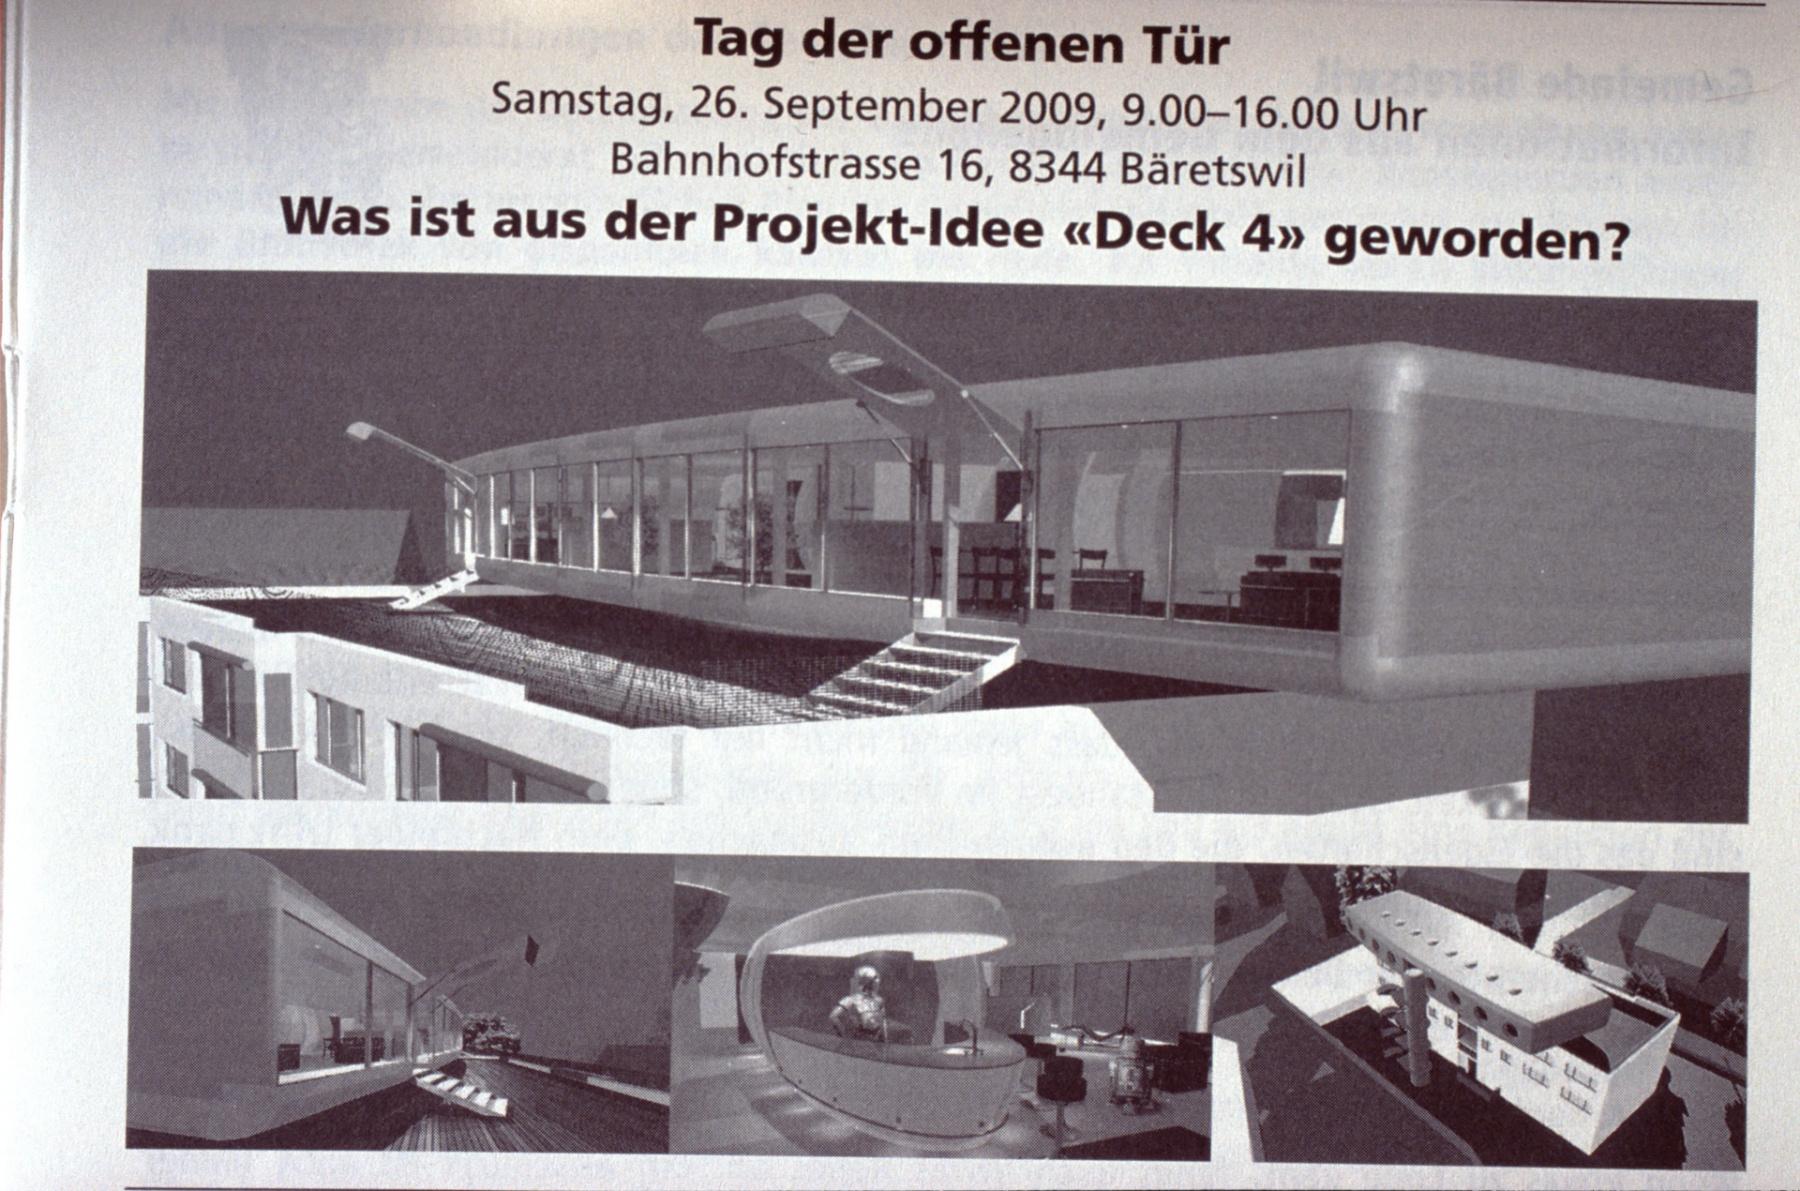 Deck 4 Aufbau auf das Gebäude der Kantonalbank, TdoT